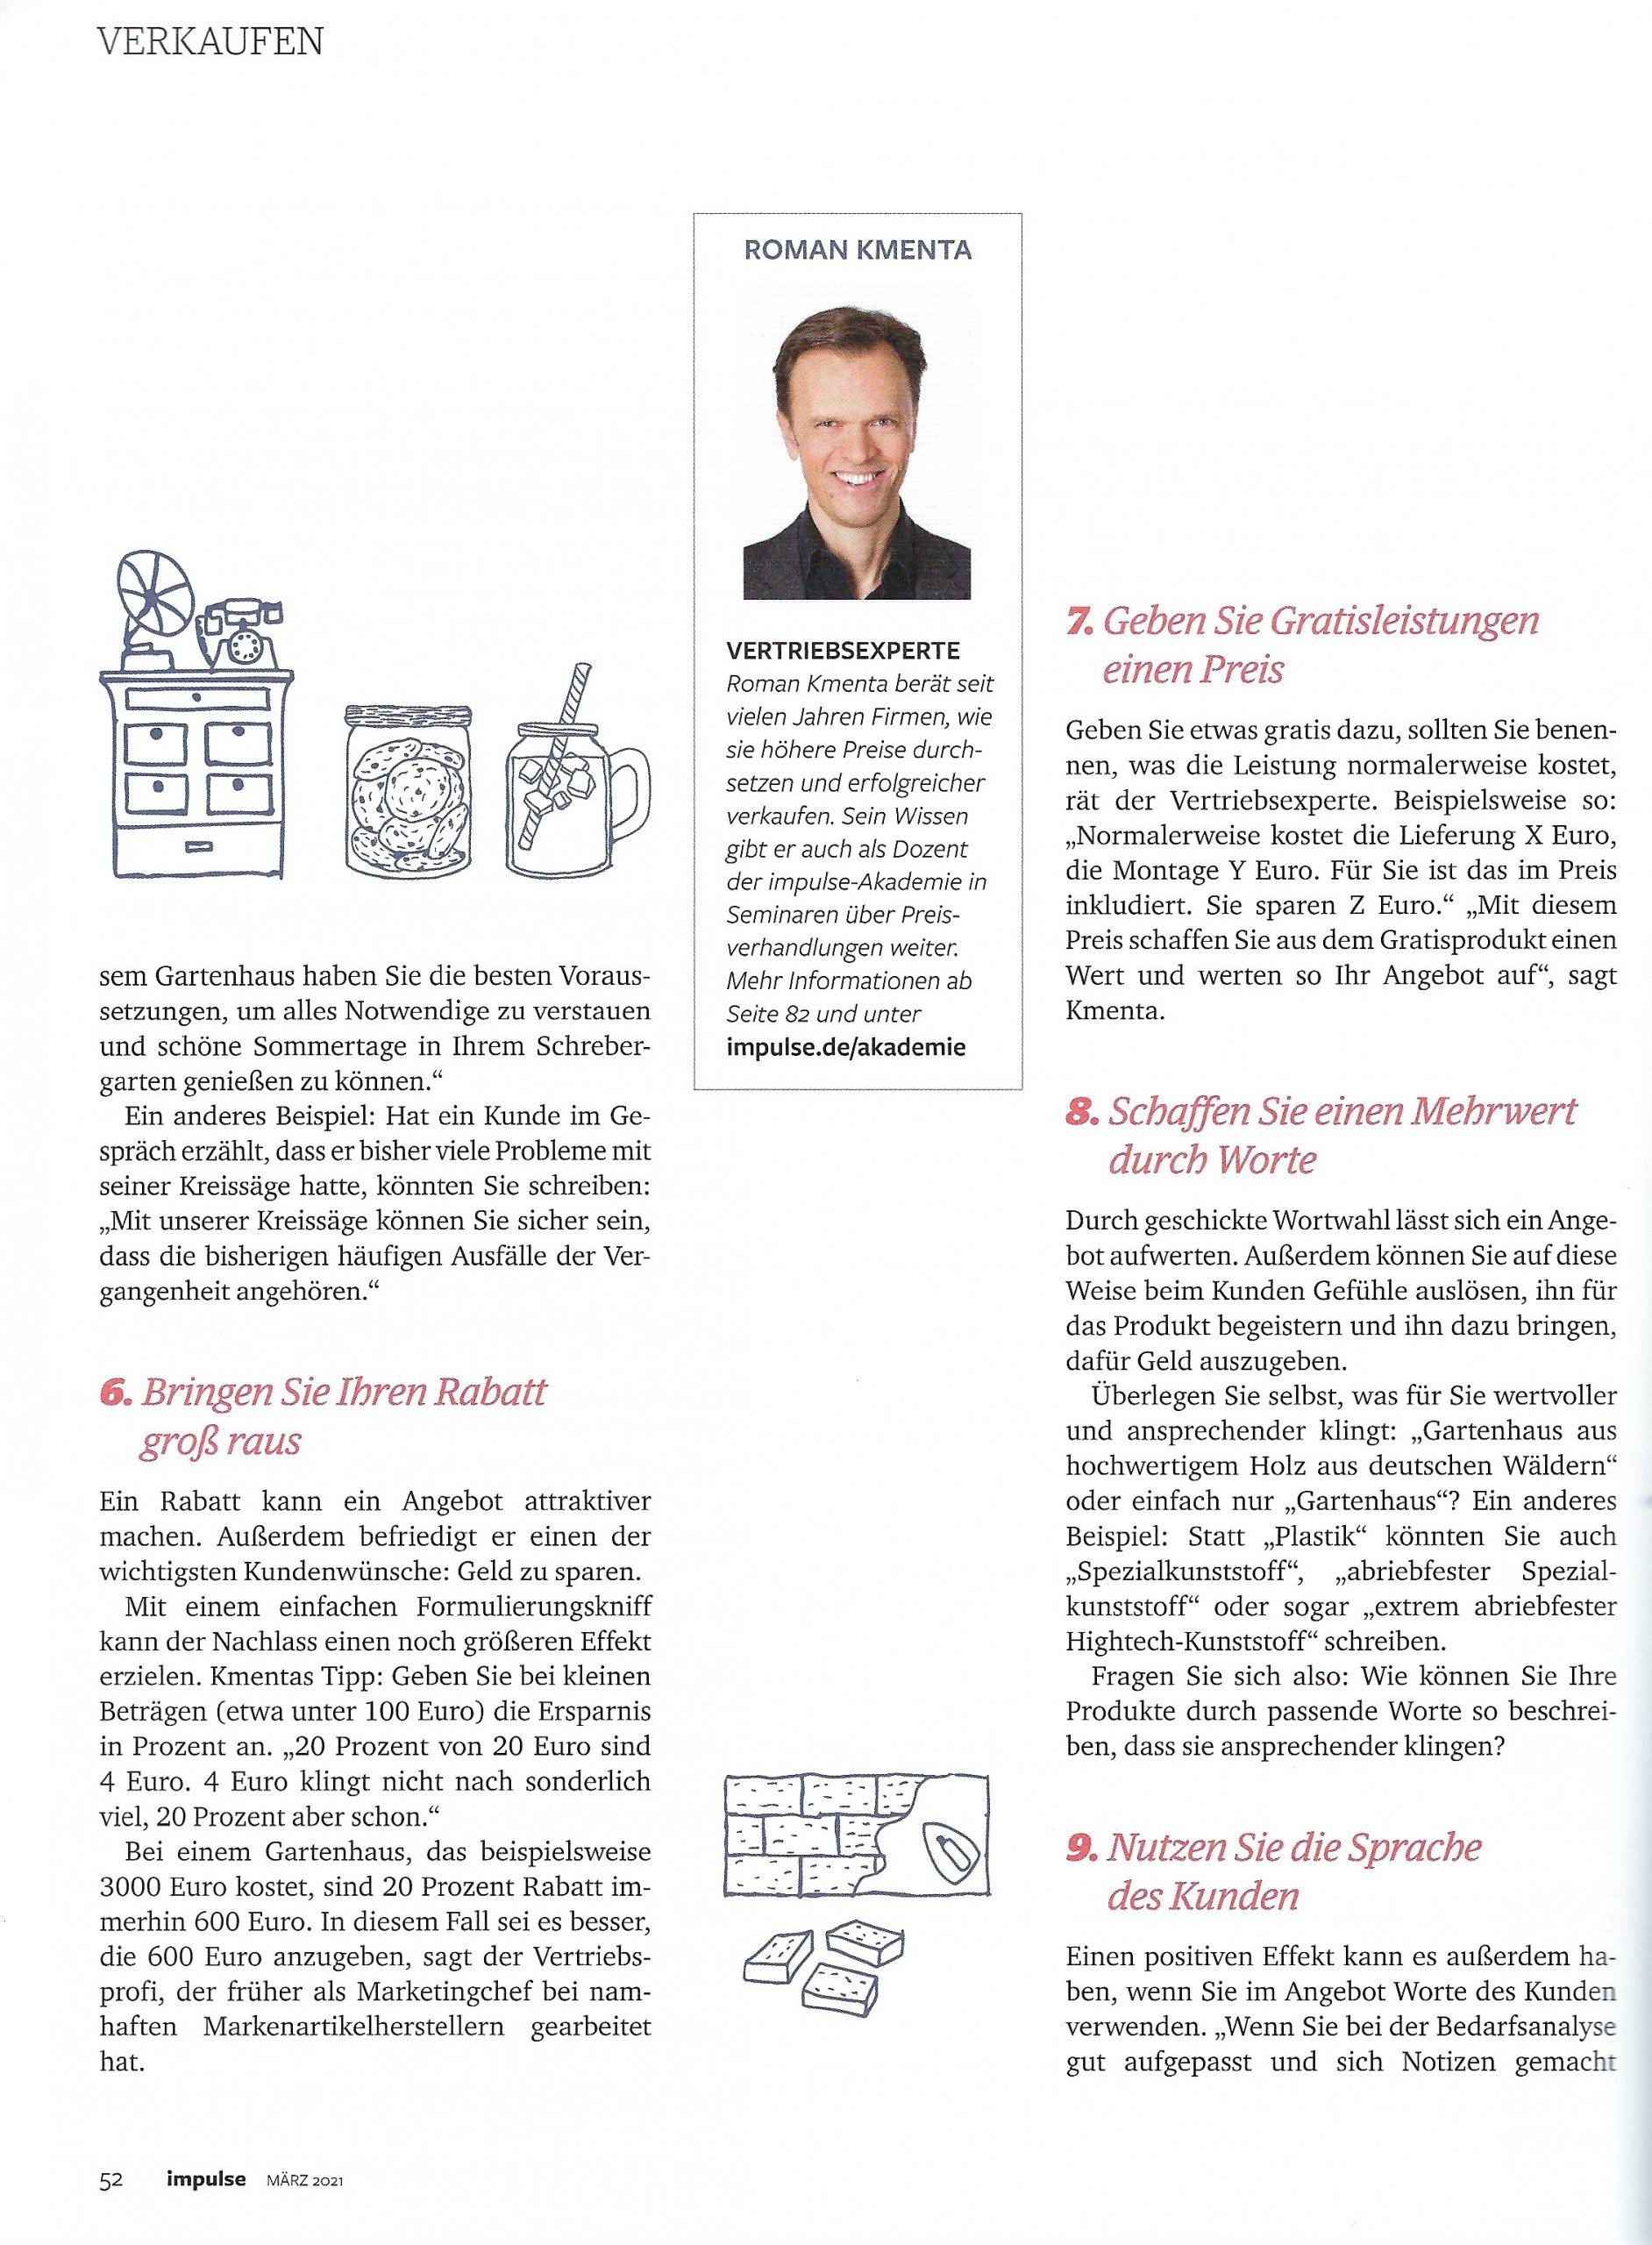 """Artikel """"Unwiderstehlich"""" Impulse Seite 5- Mag. Roman Kmenta - Autor und Keynote Speaker"""